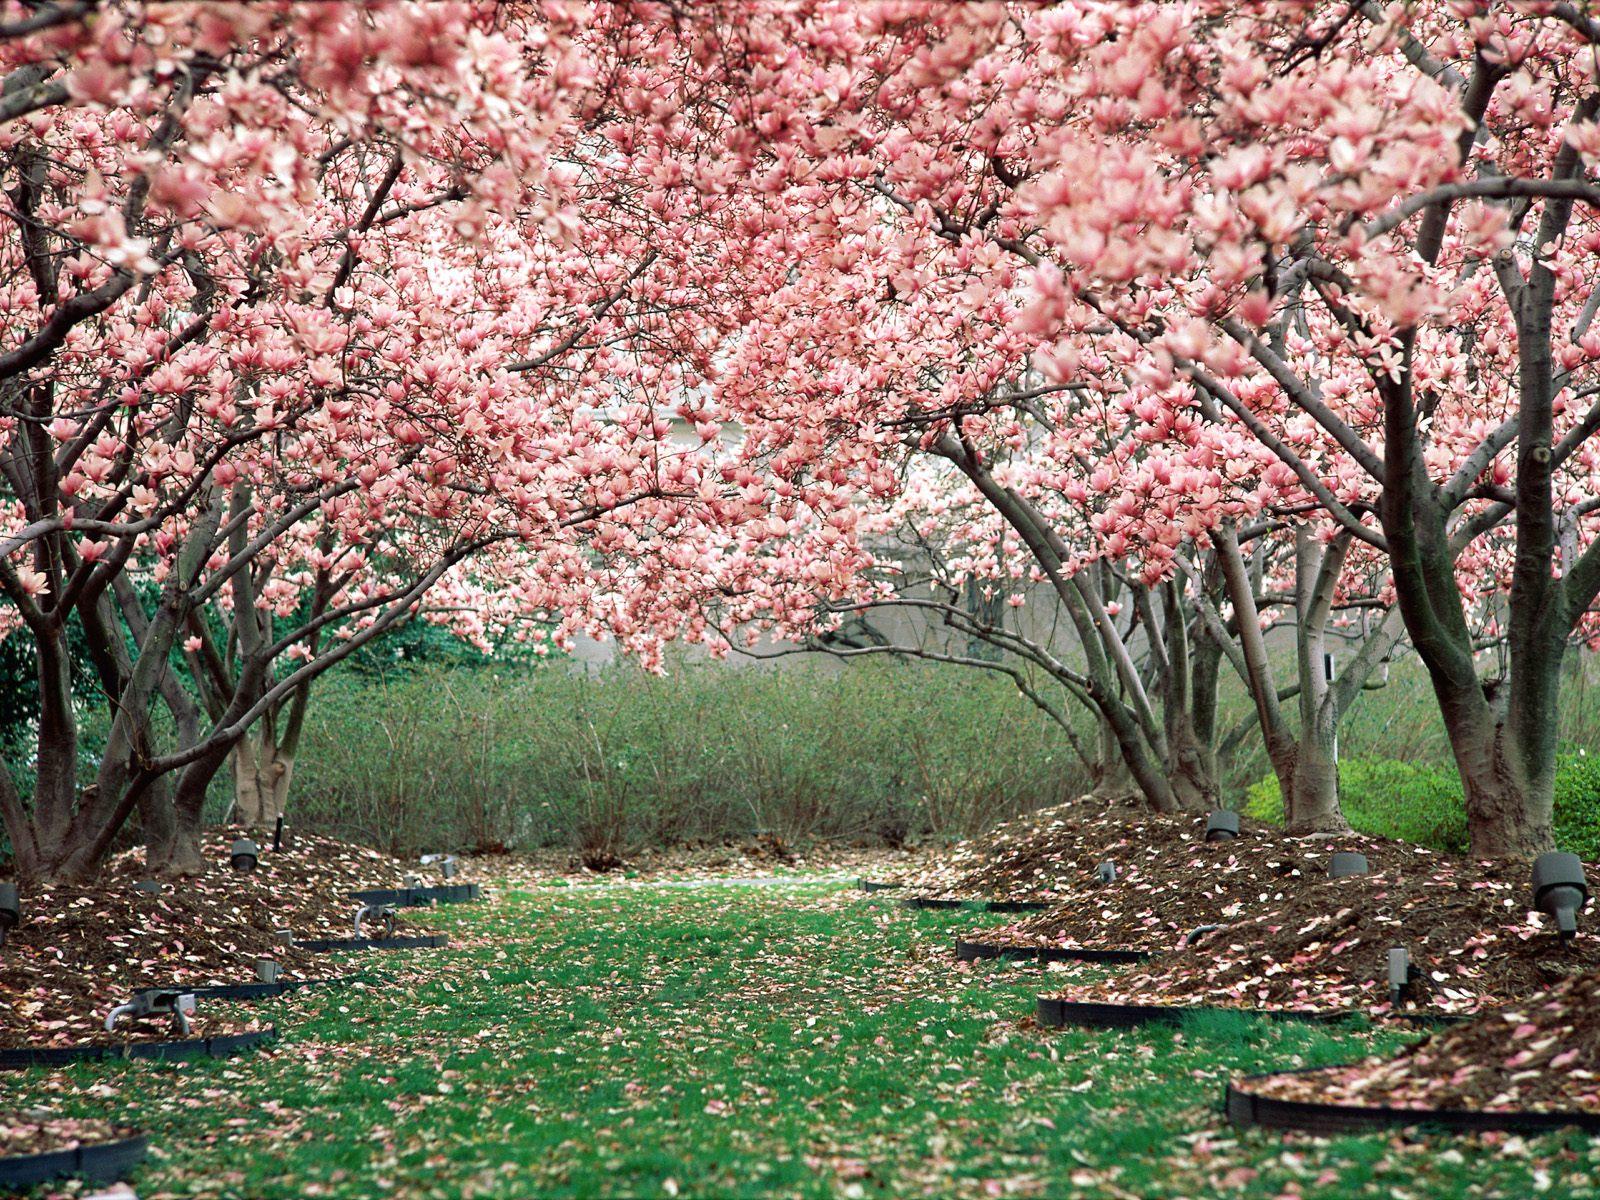 http://4.bp.blogspot.com/-0M2nK0WzwX8/T0ihWsC6KsI/AAAAAAAACZk/MrviacOUwfo/s1600/Wallpaper+of+Spring+3.jpg